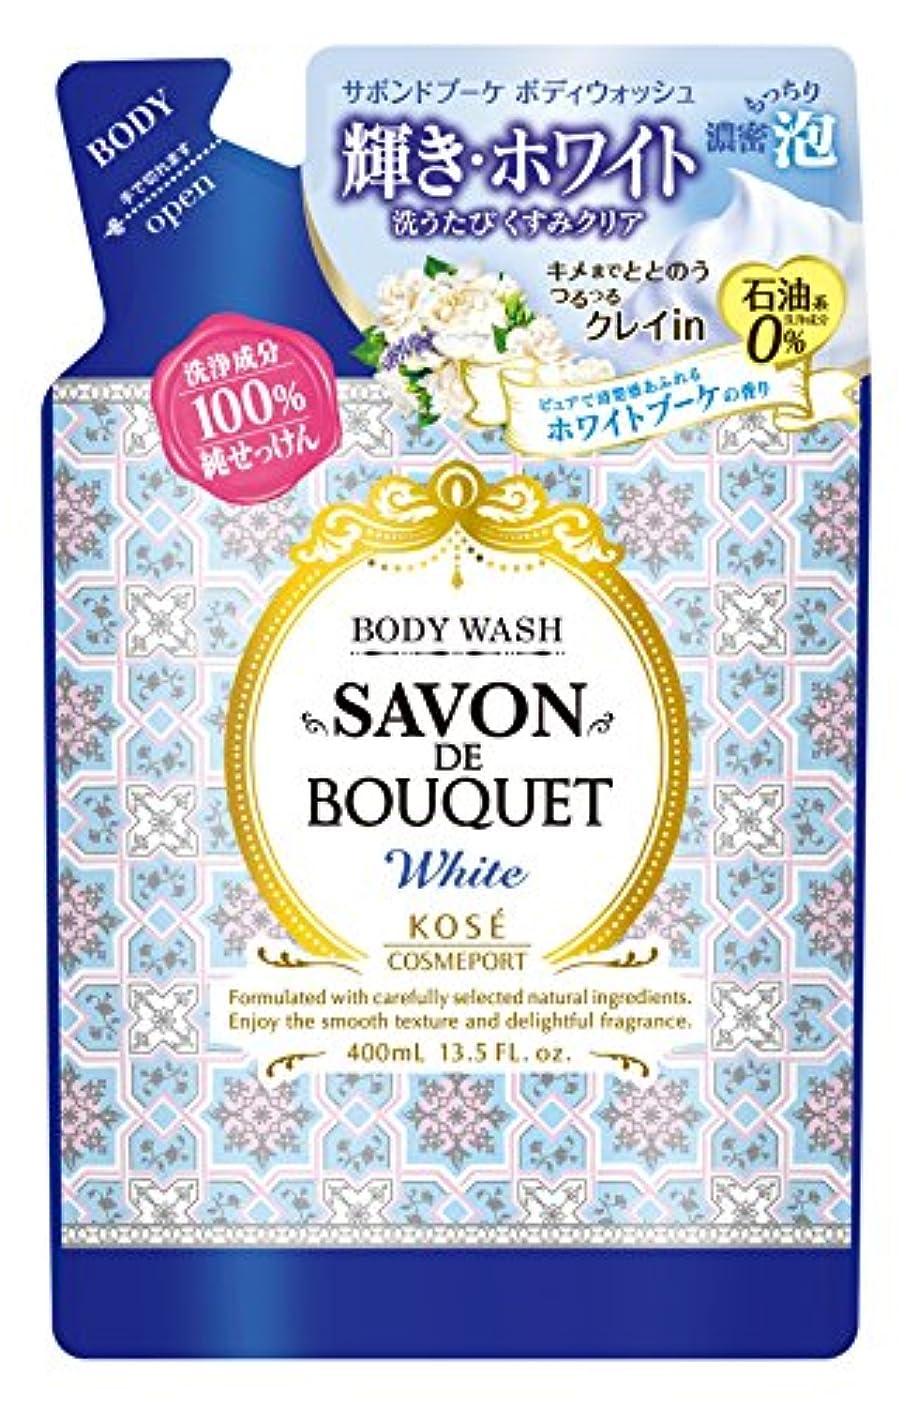 眠る有名人分離KOSE コーセー サボンドブーケ ホワイト ボディウォッシュ 100%純せっけん 詰め替え 400ml